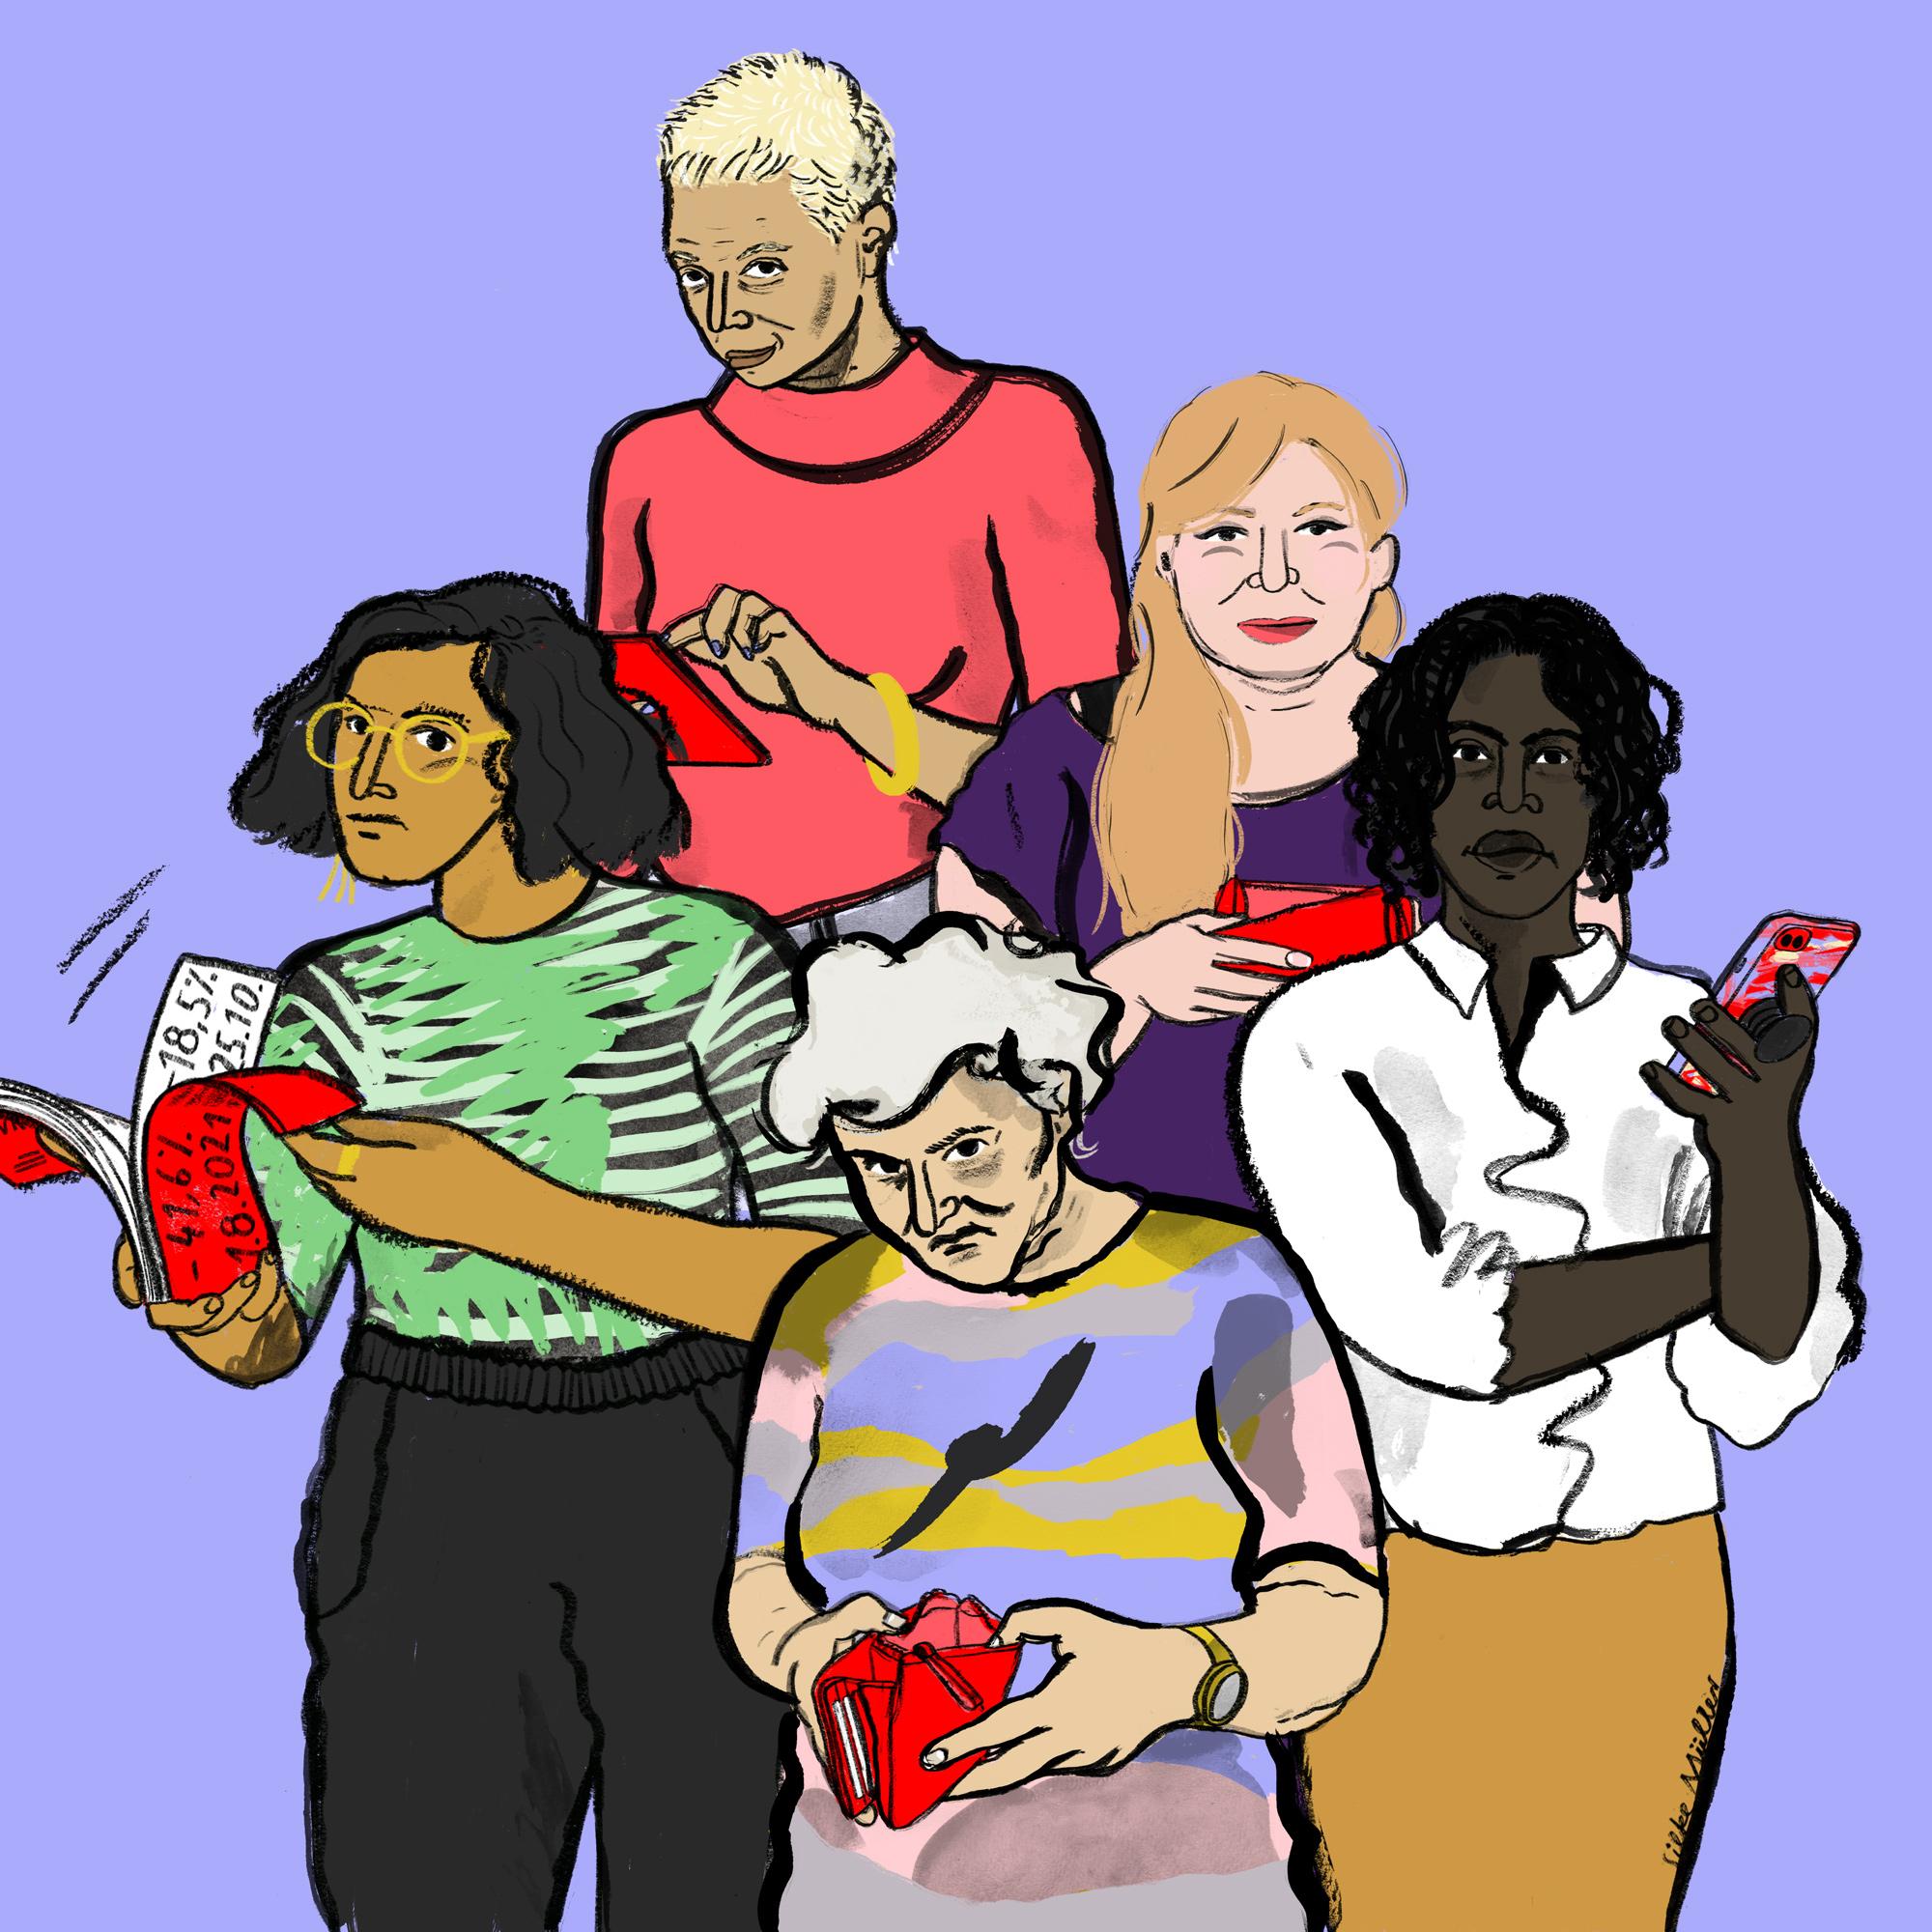 5 Frauen kontrollieren ihr Einkommen oder Bargeld, sie haben unterschiedlches Alter ca von 18-65 und sie haben unetrschiedliche Hautfarben. Sie halten Portmonnaies oder Kontoauszüge oder Handy oder tablet in der Hand. Sie schauen ernst und selbstbestimmt.